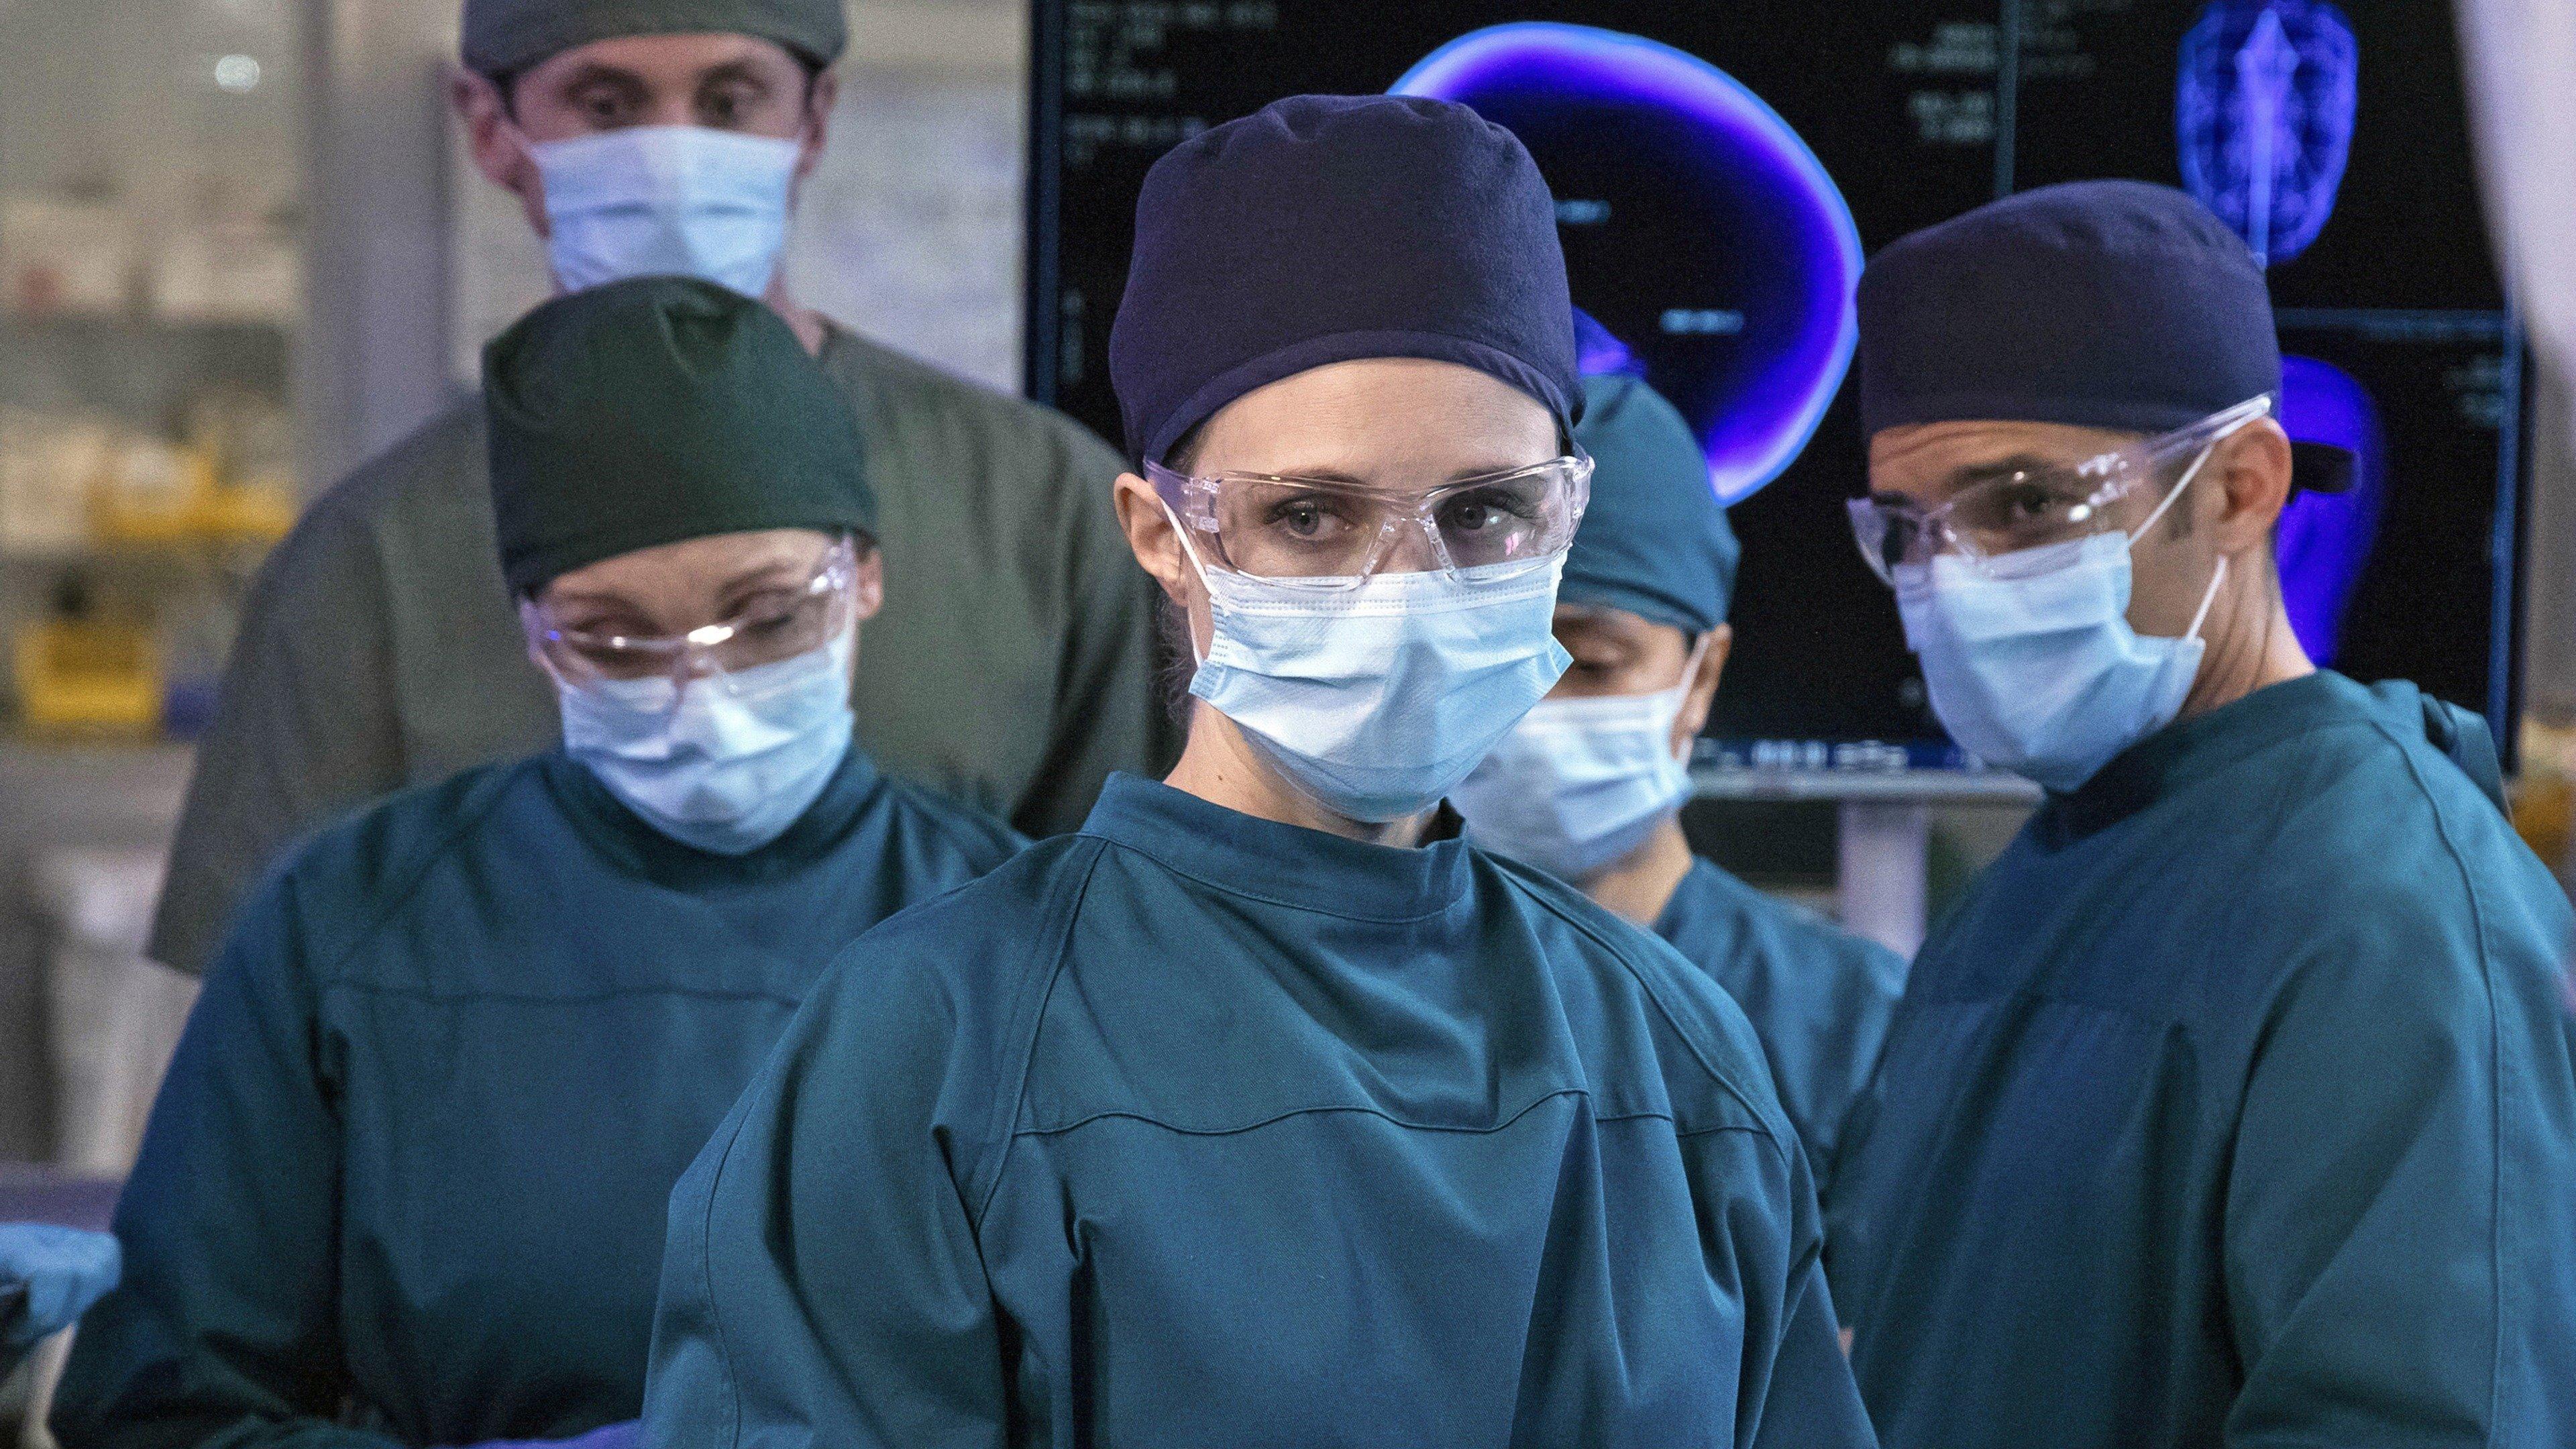 The Good Doctor - Season 2 Episode 14 : Faces